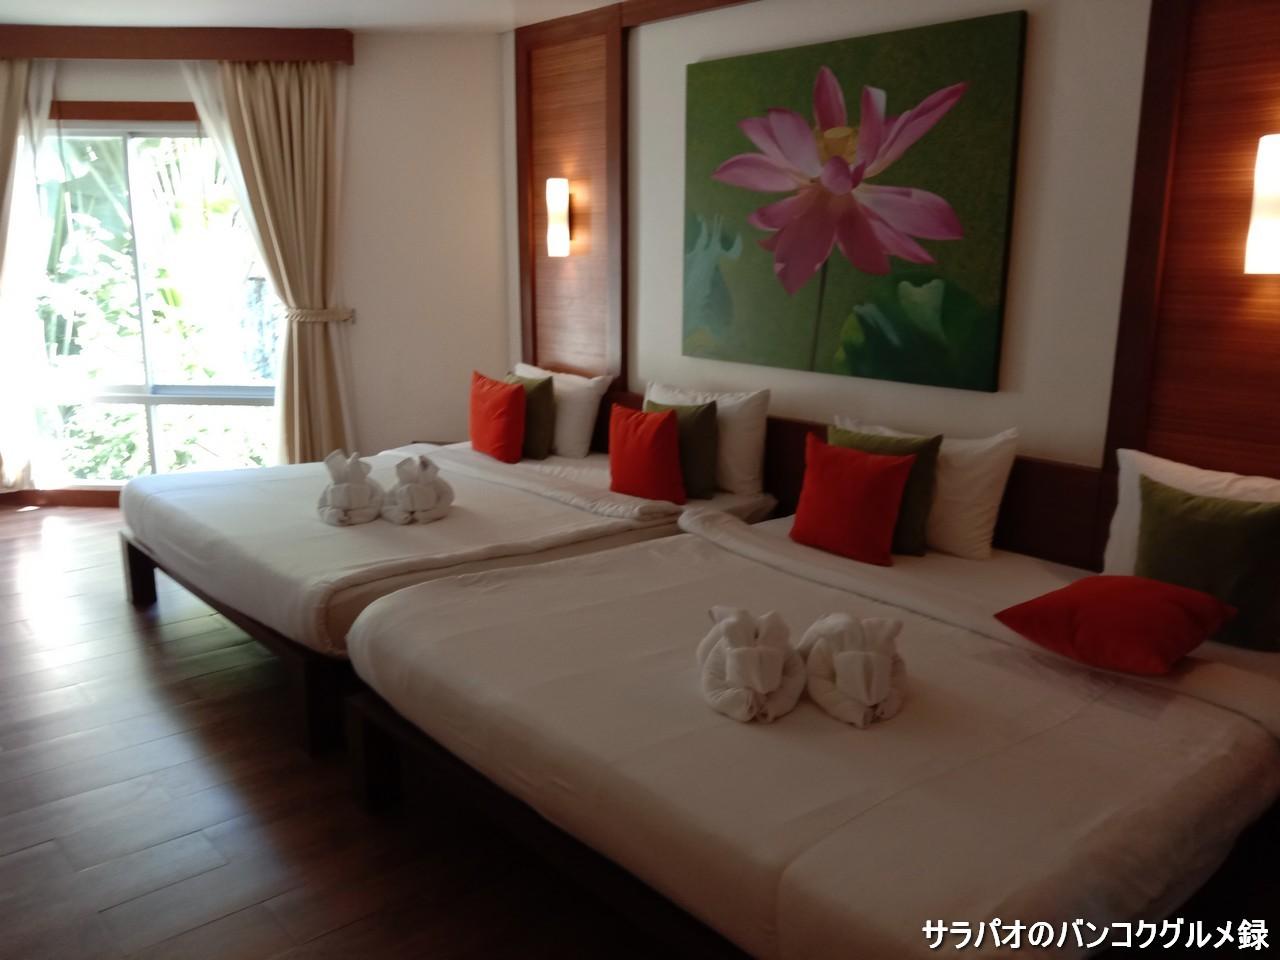 サメット・パヴィリオン・リゾートはビーチ近くにあるおすすめ3つ星ホテル in サメット島